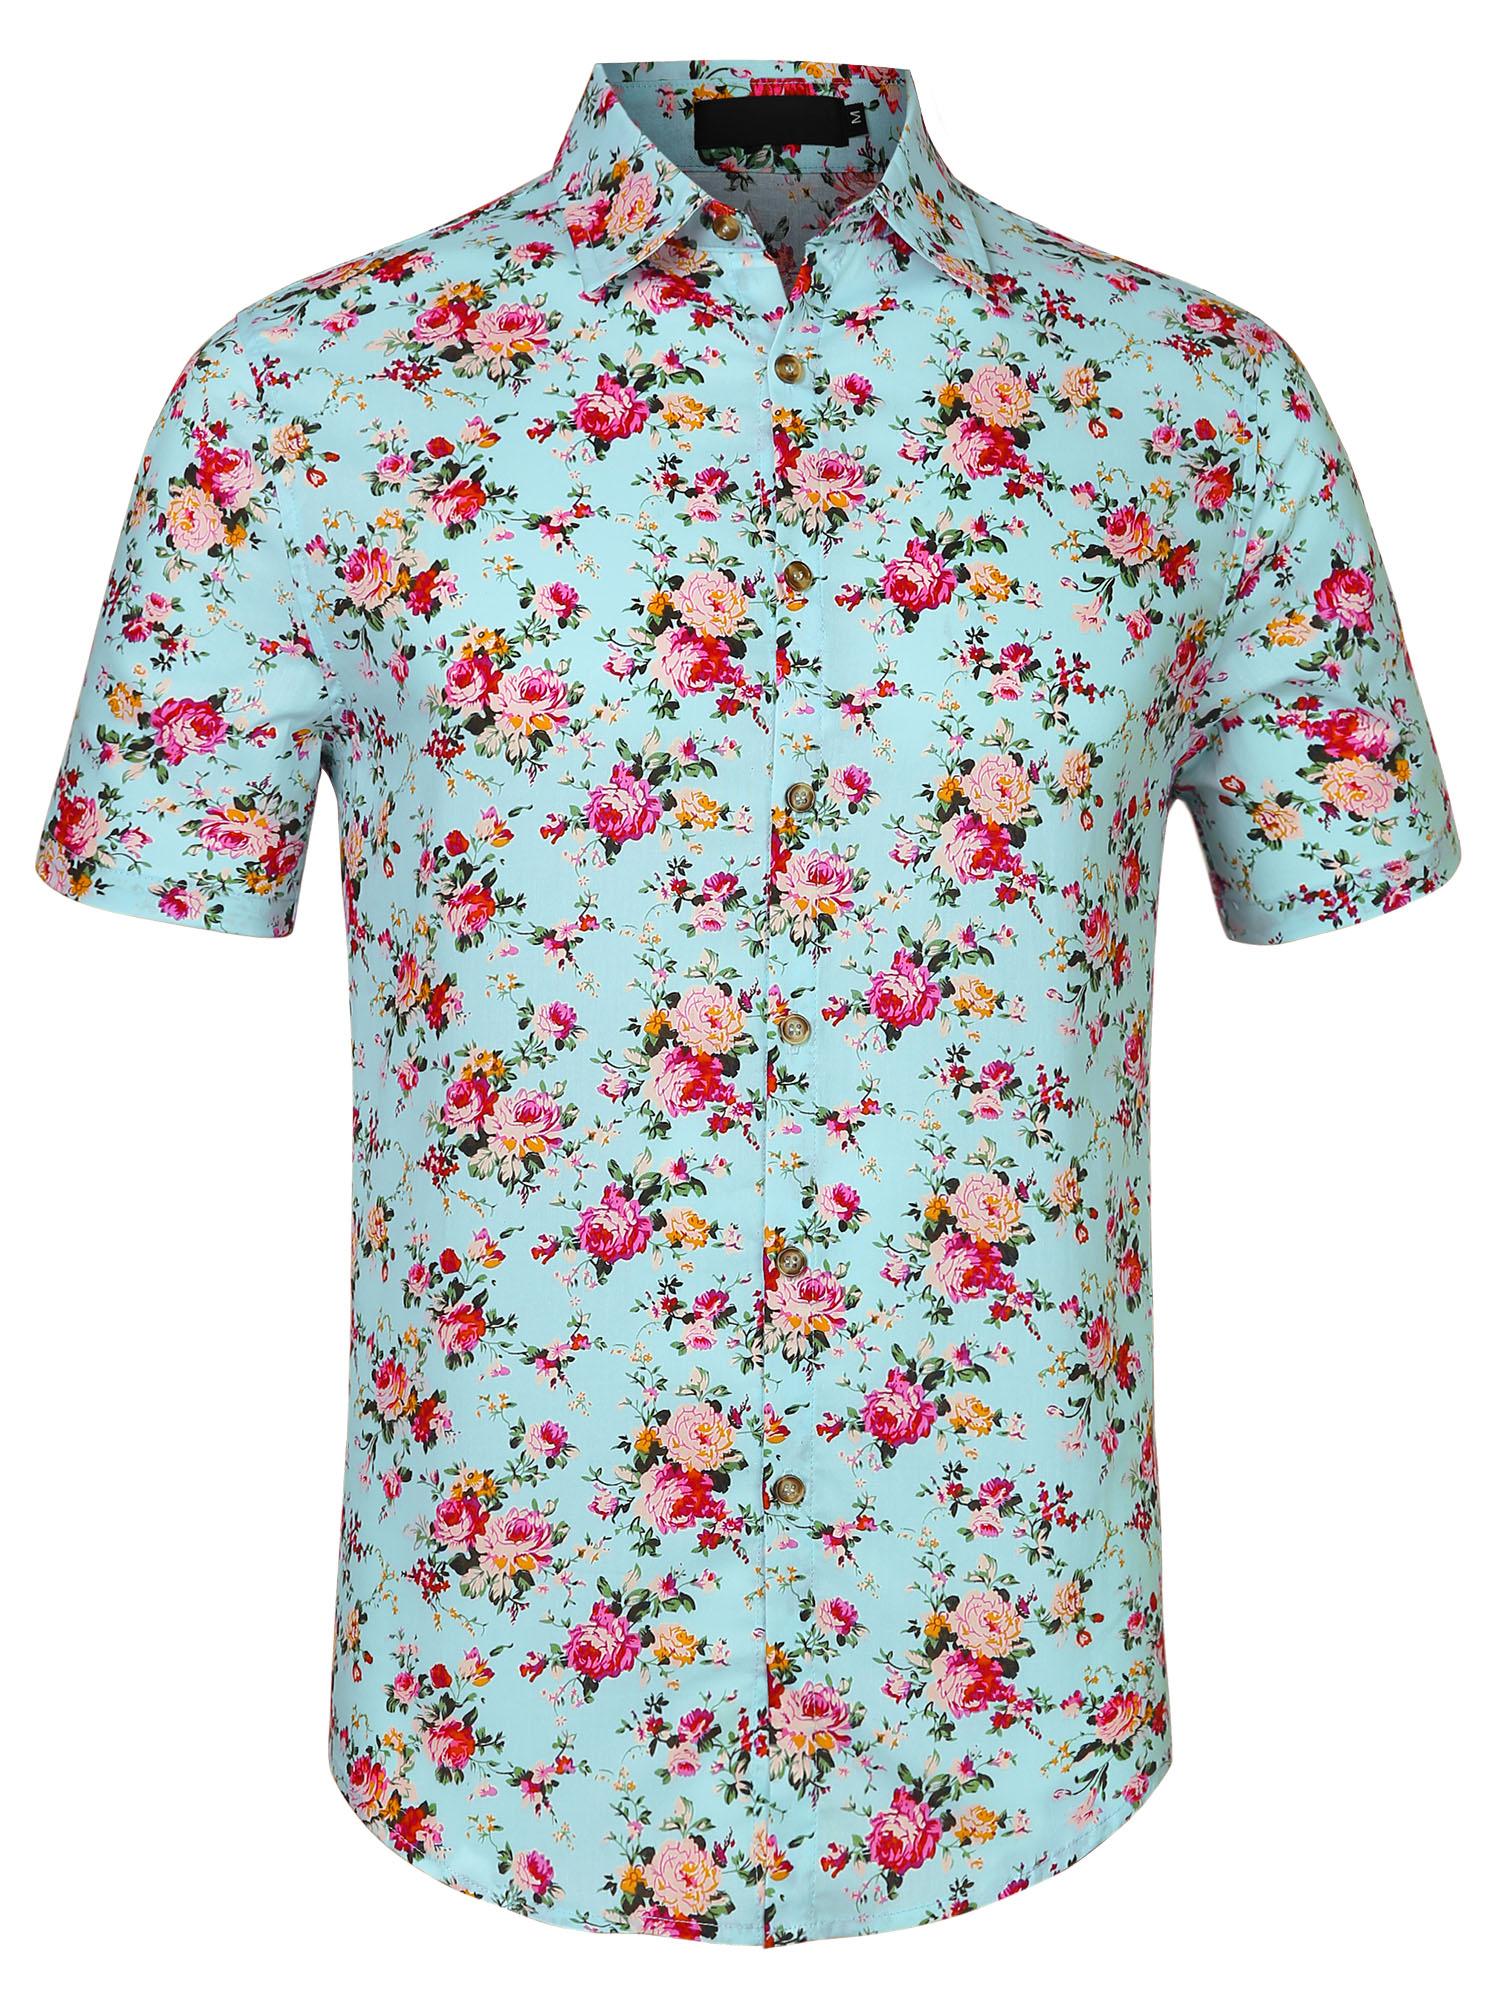 Men Short Sleeve Button Front Floral Print Cotton Hawaiian Shirt Mint XL